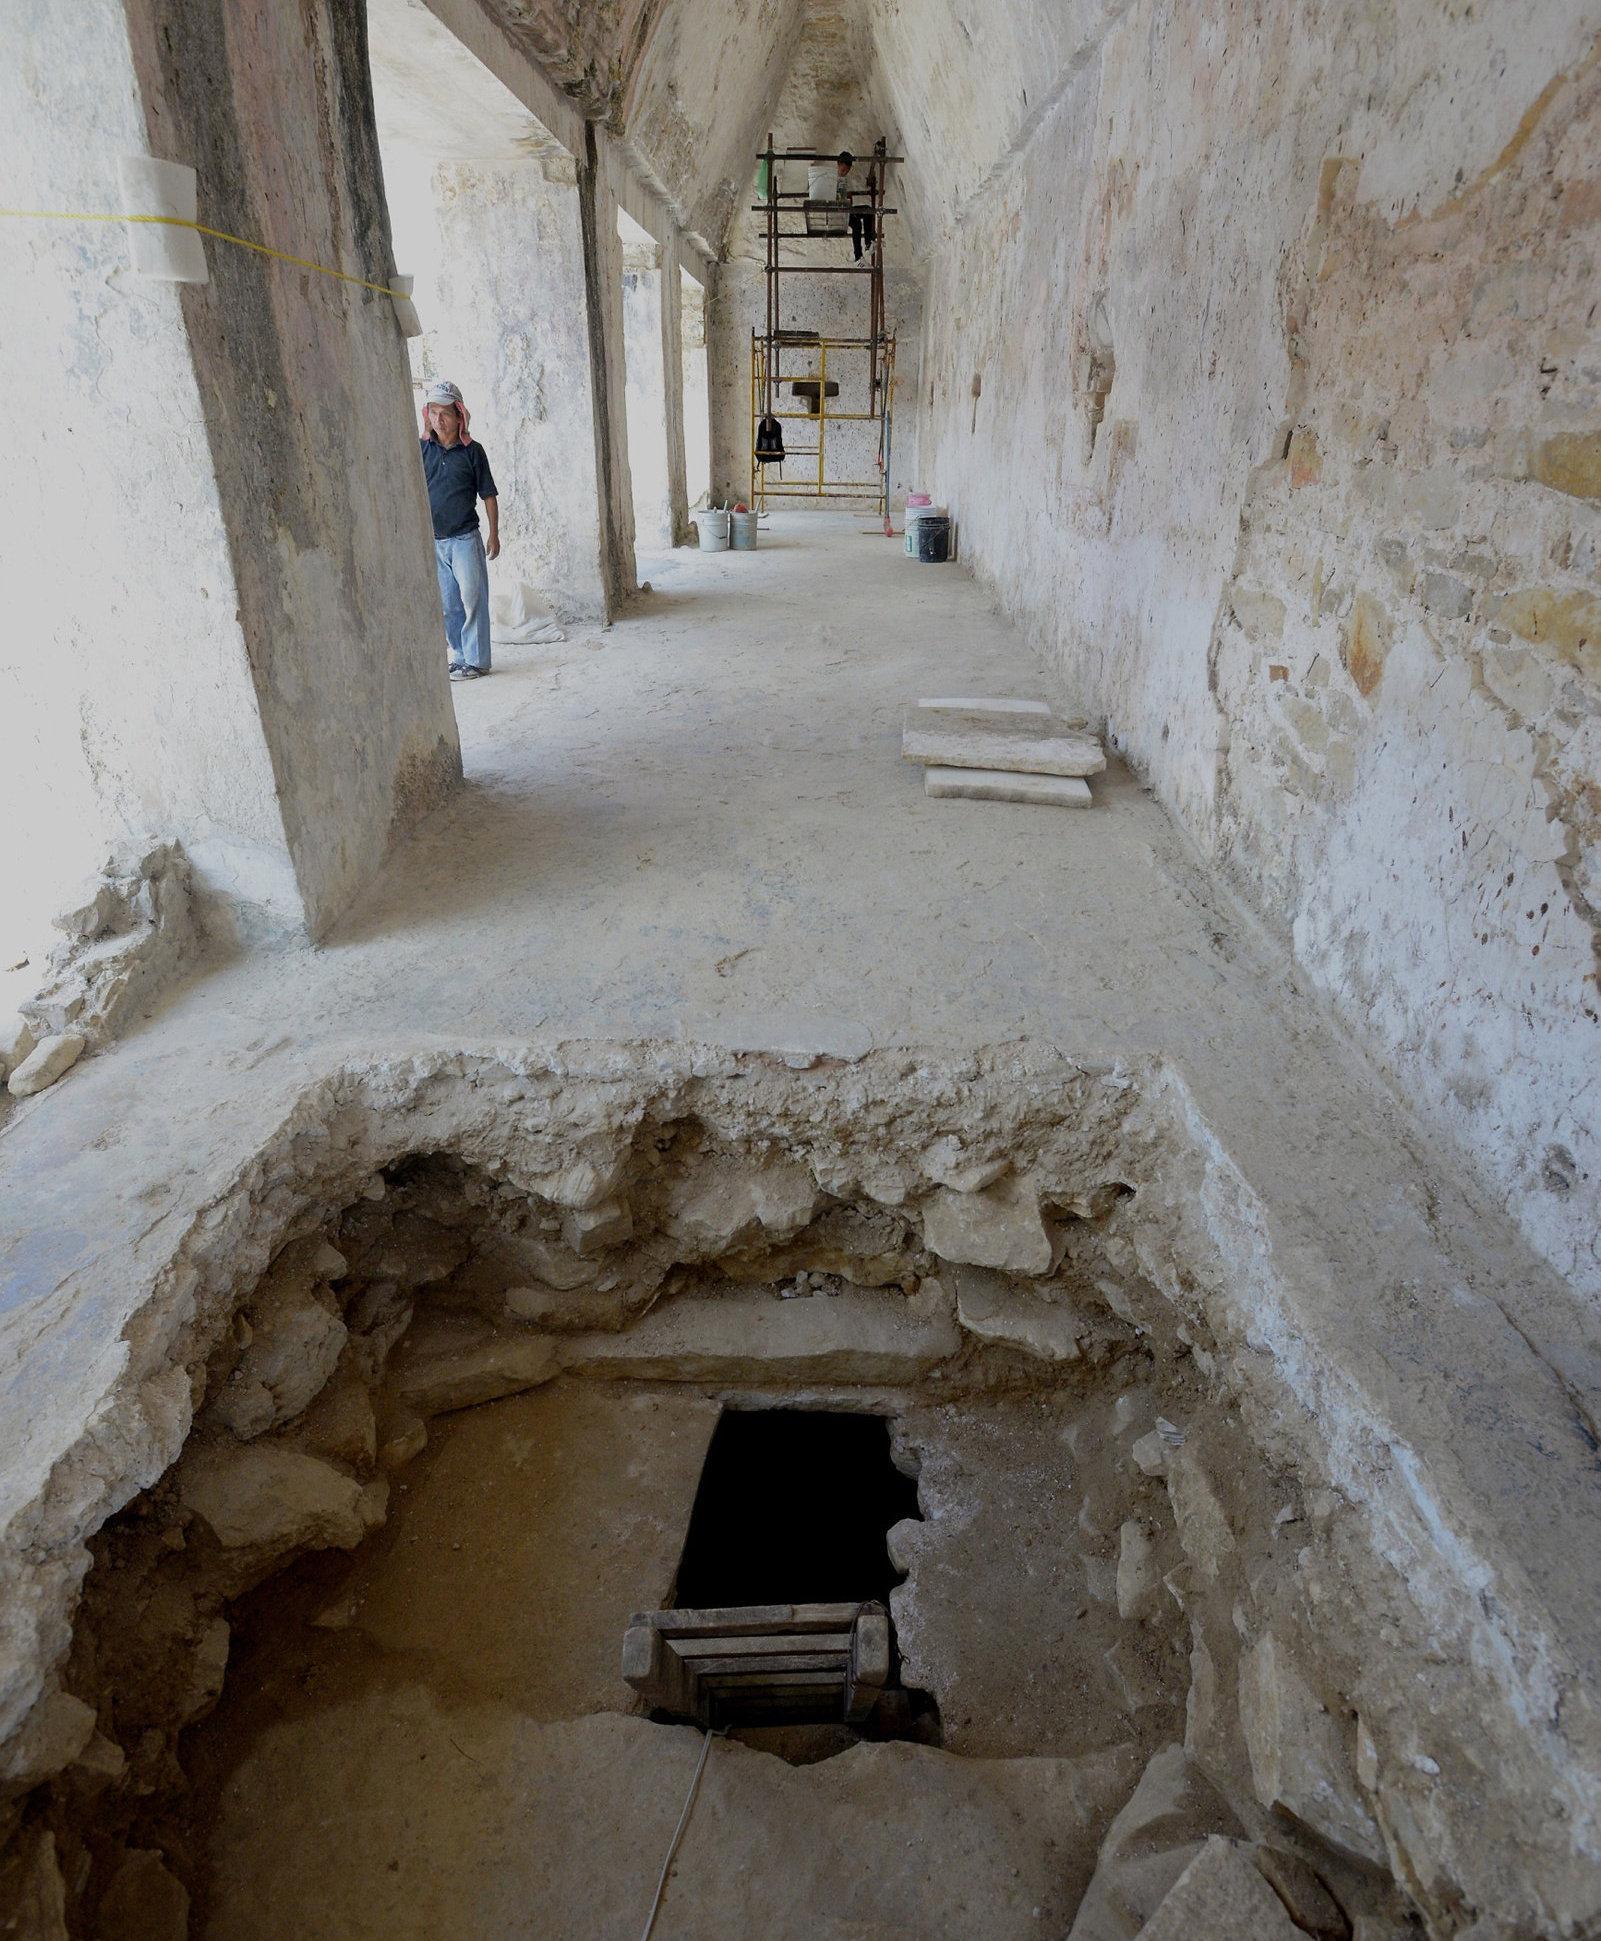 Subestructura, encontrada en el Palecio de Palenque, México